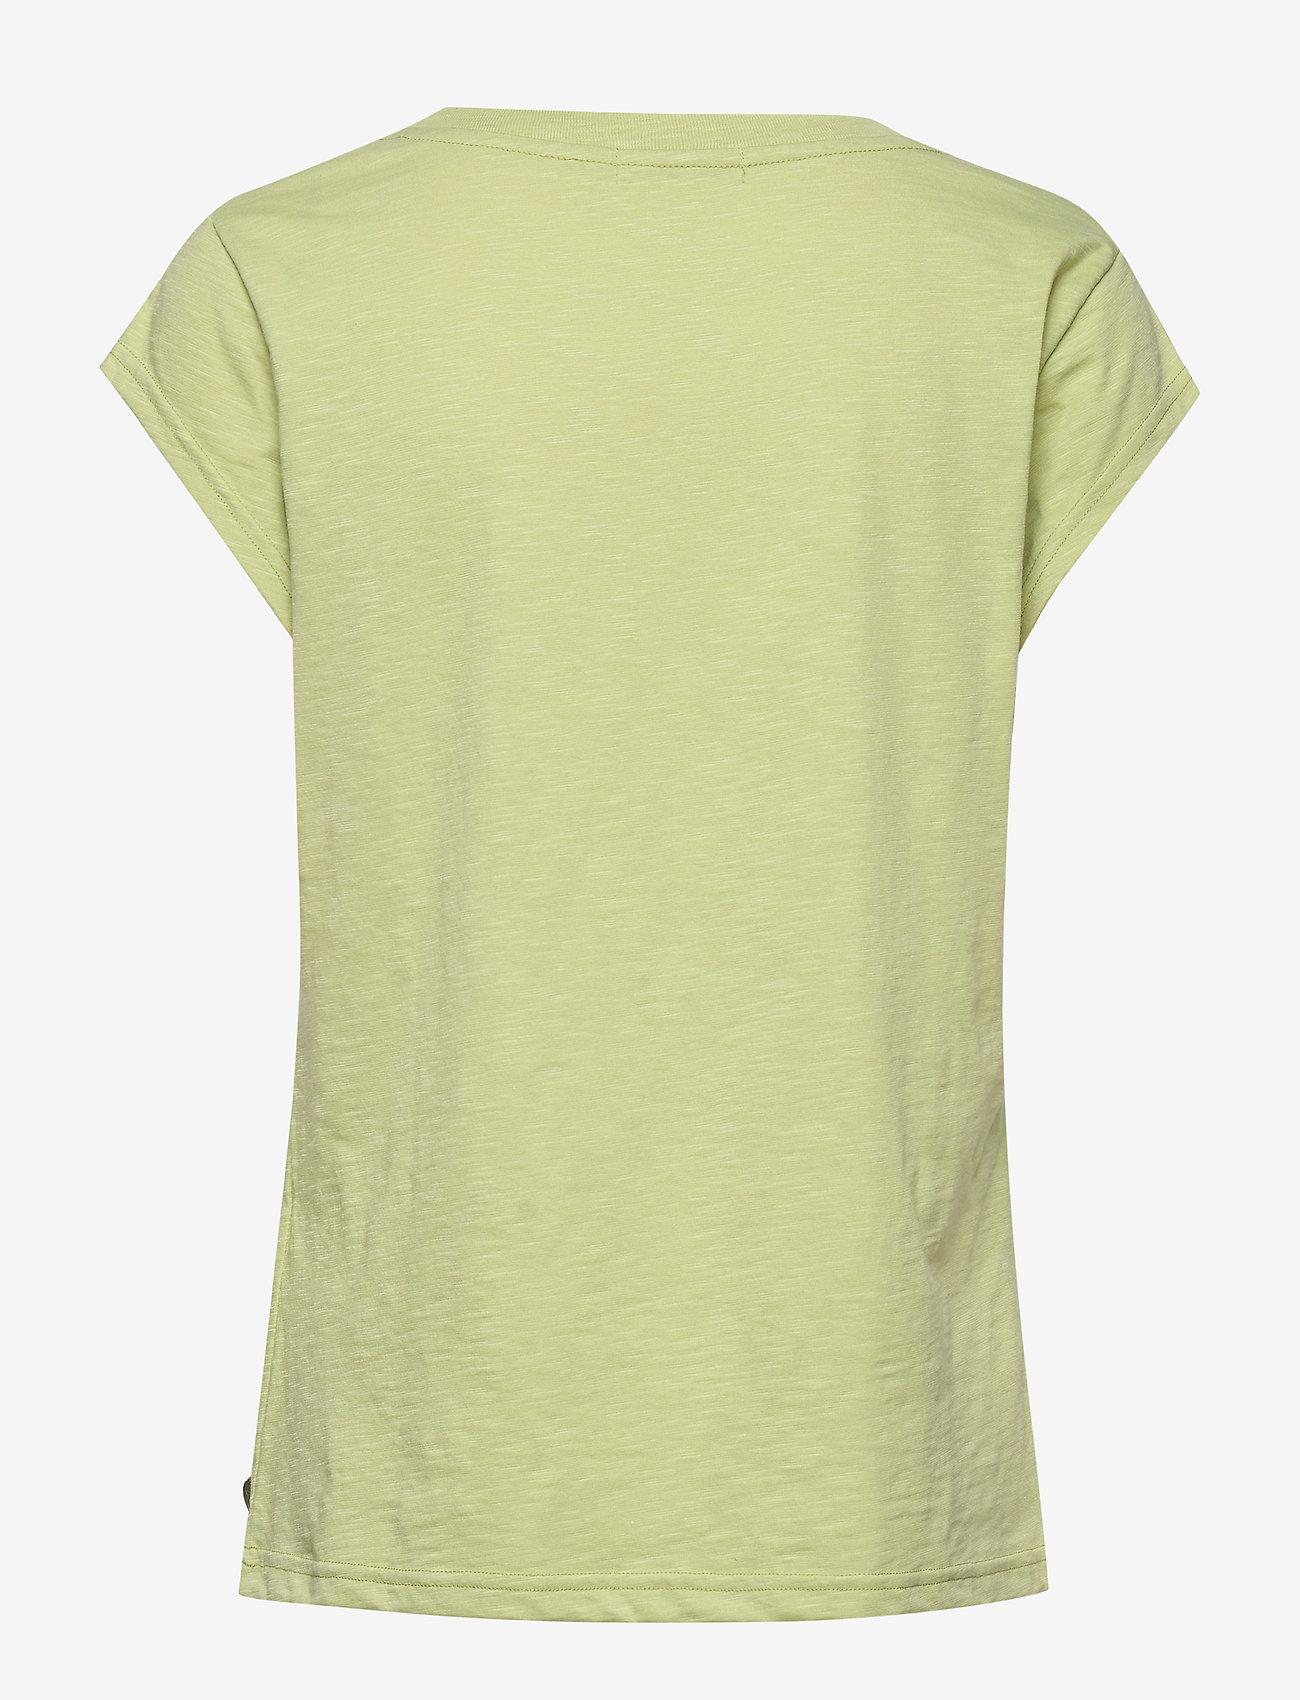 Coster Copenhagen Tee w. wave print - T-shirty i zopy LIGHT PISTACHE - Kobiety Odzież.